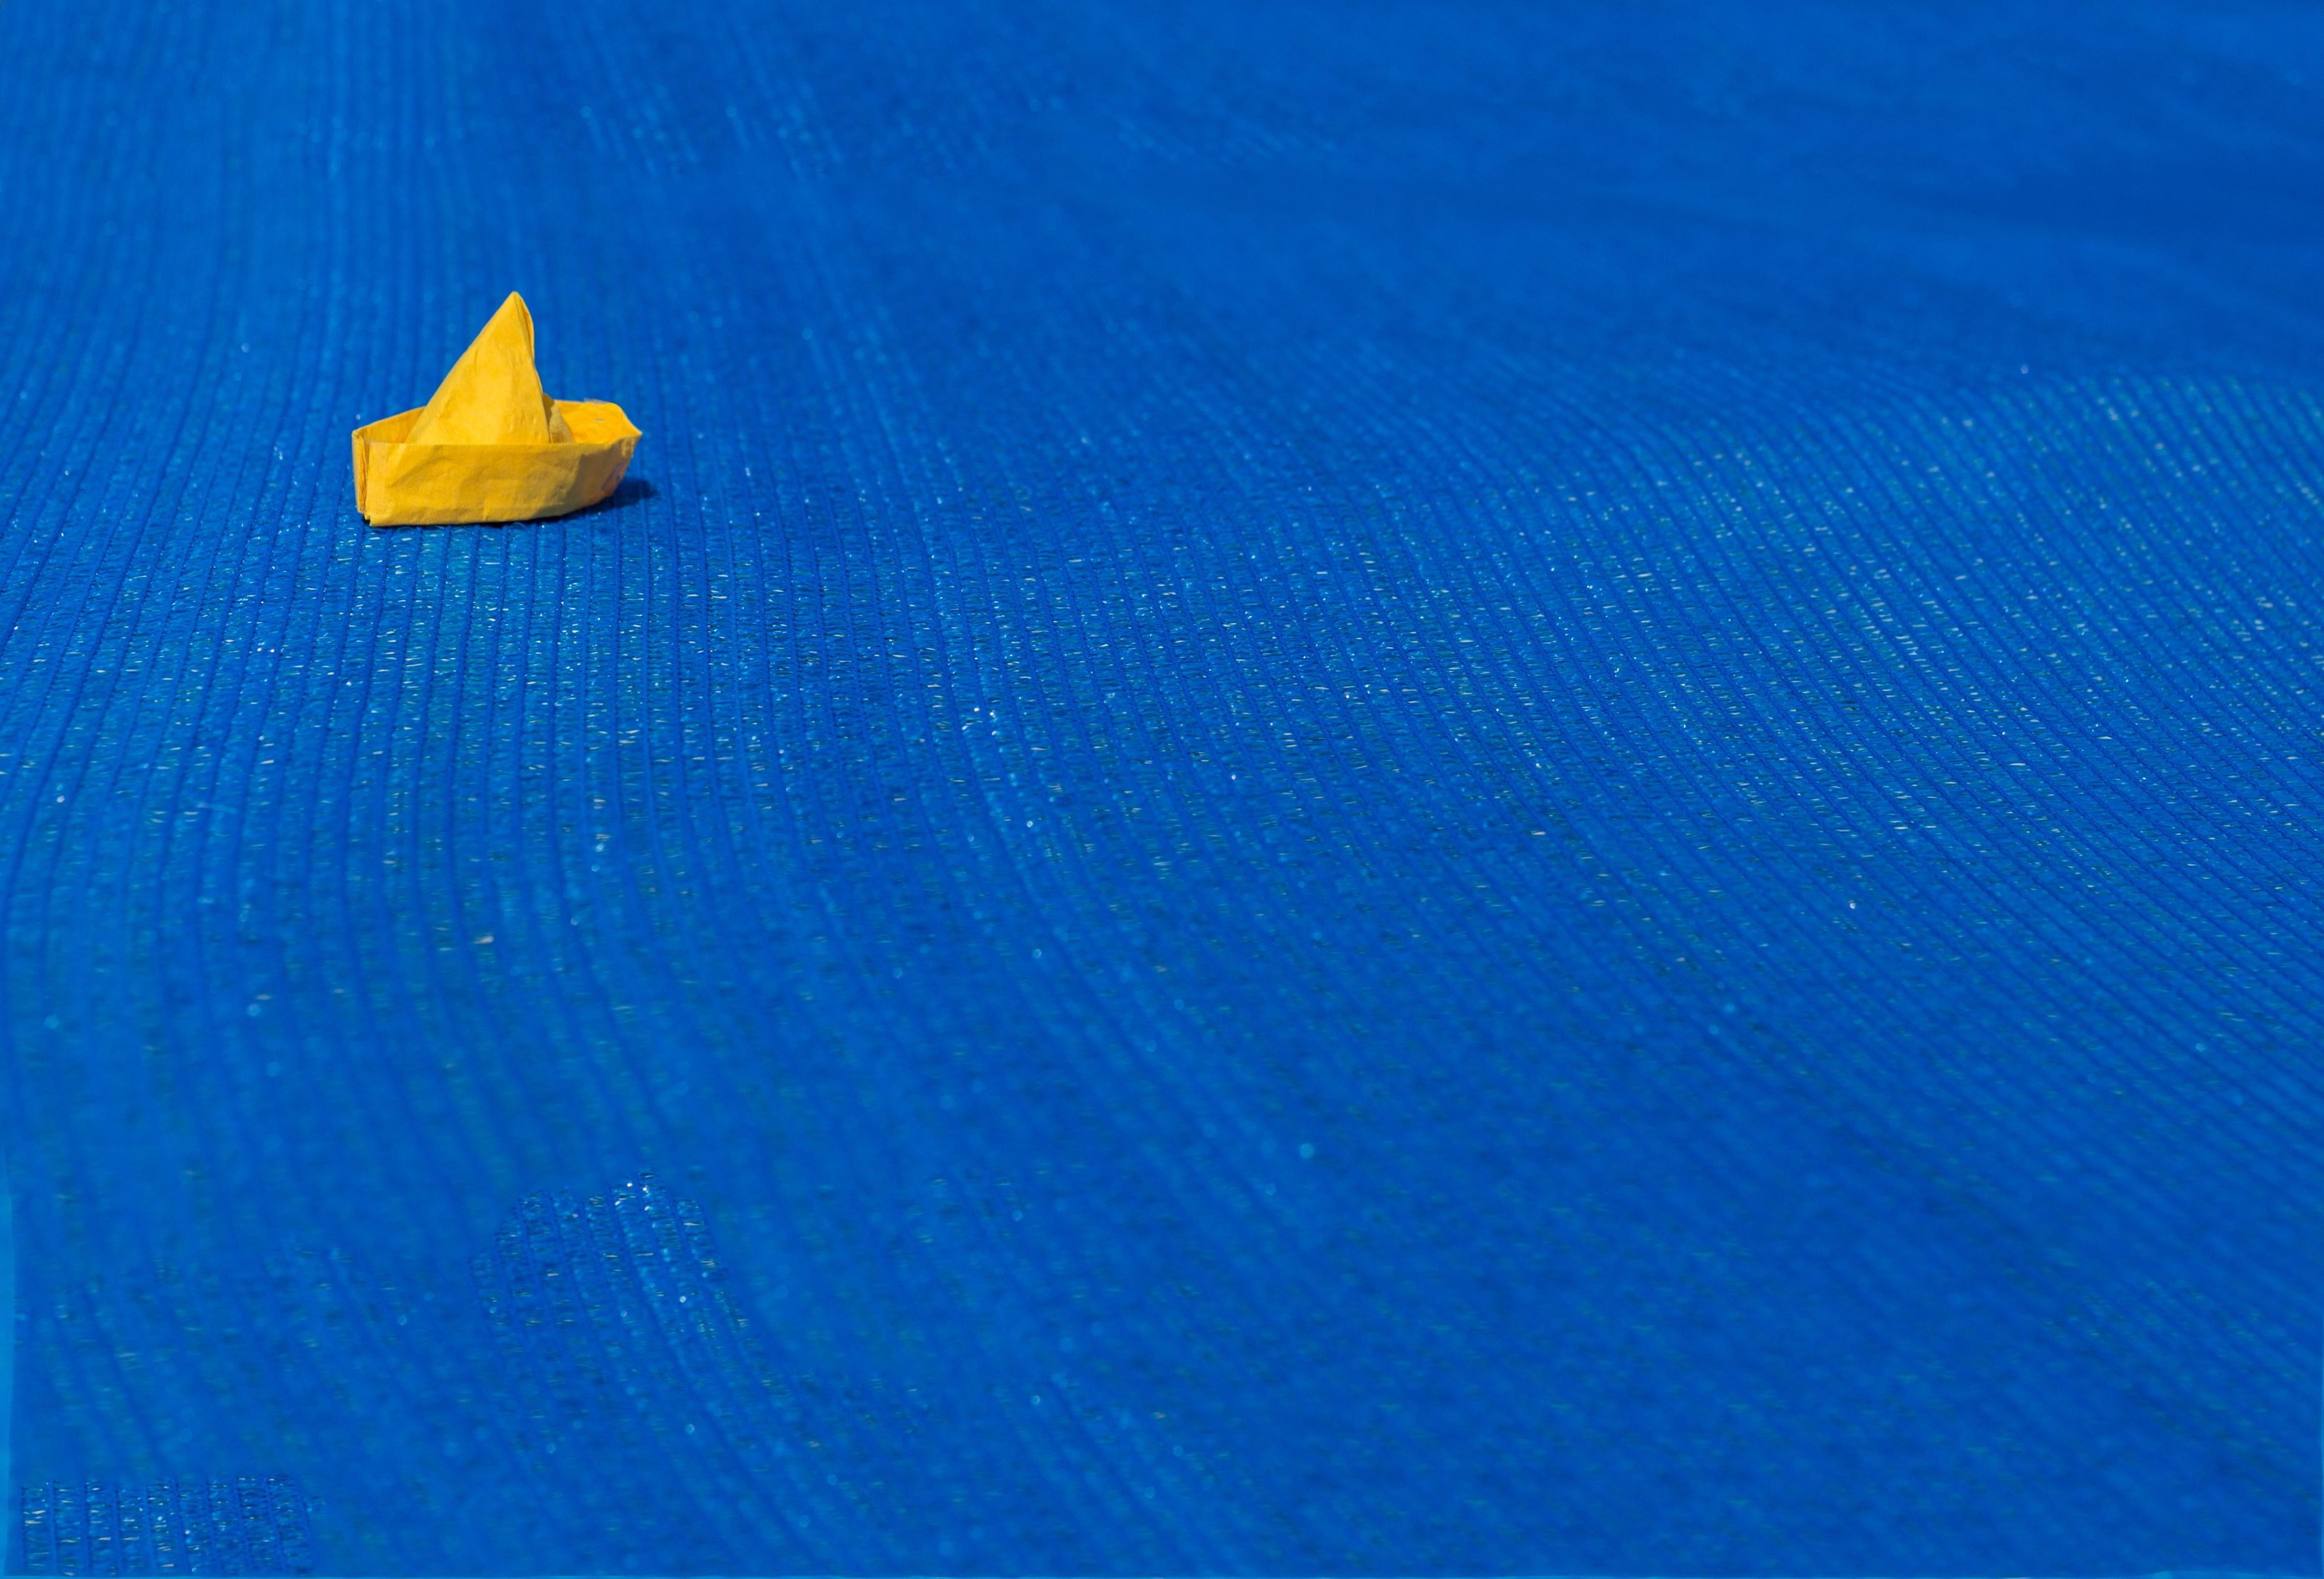 navigare in un mare di.....blue